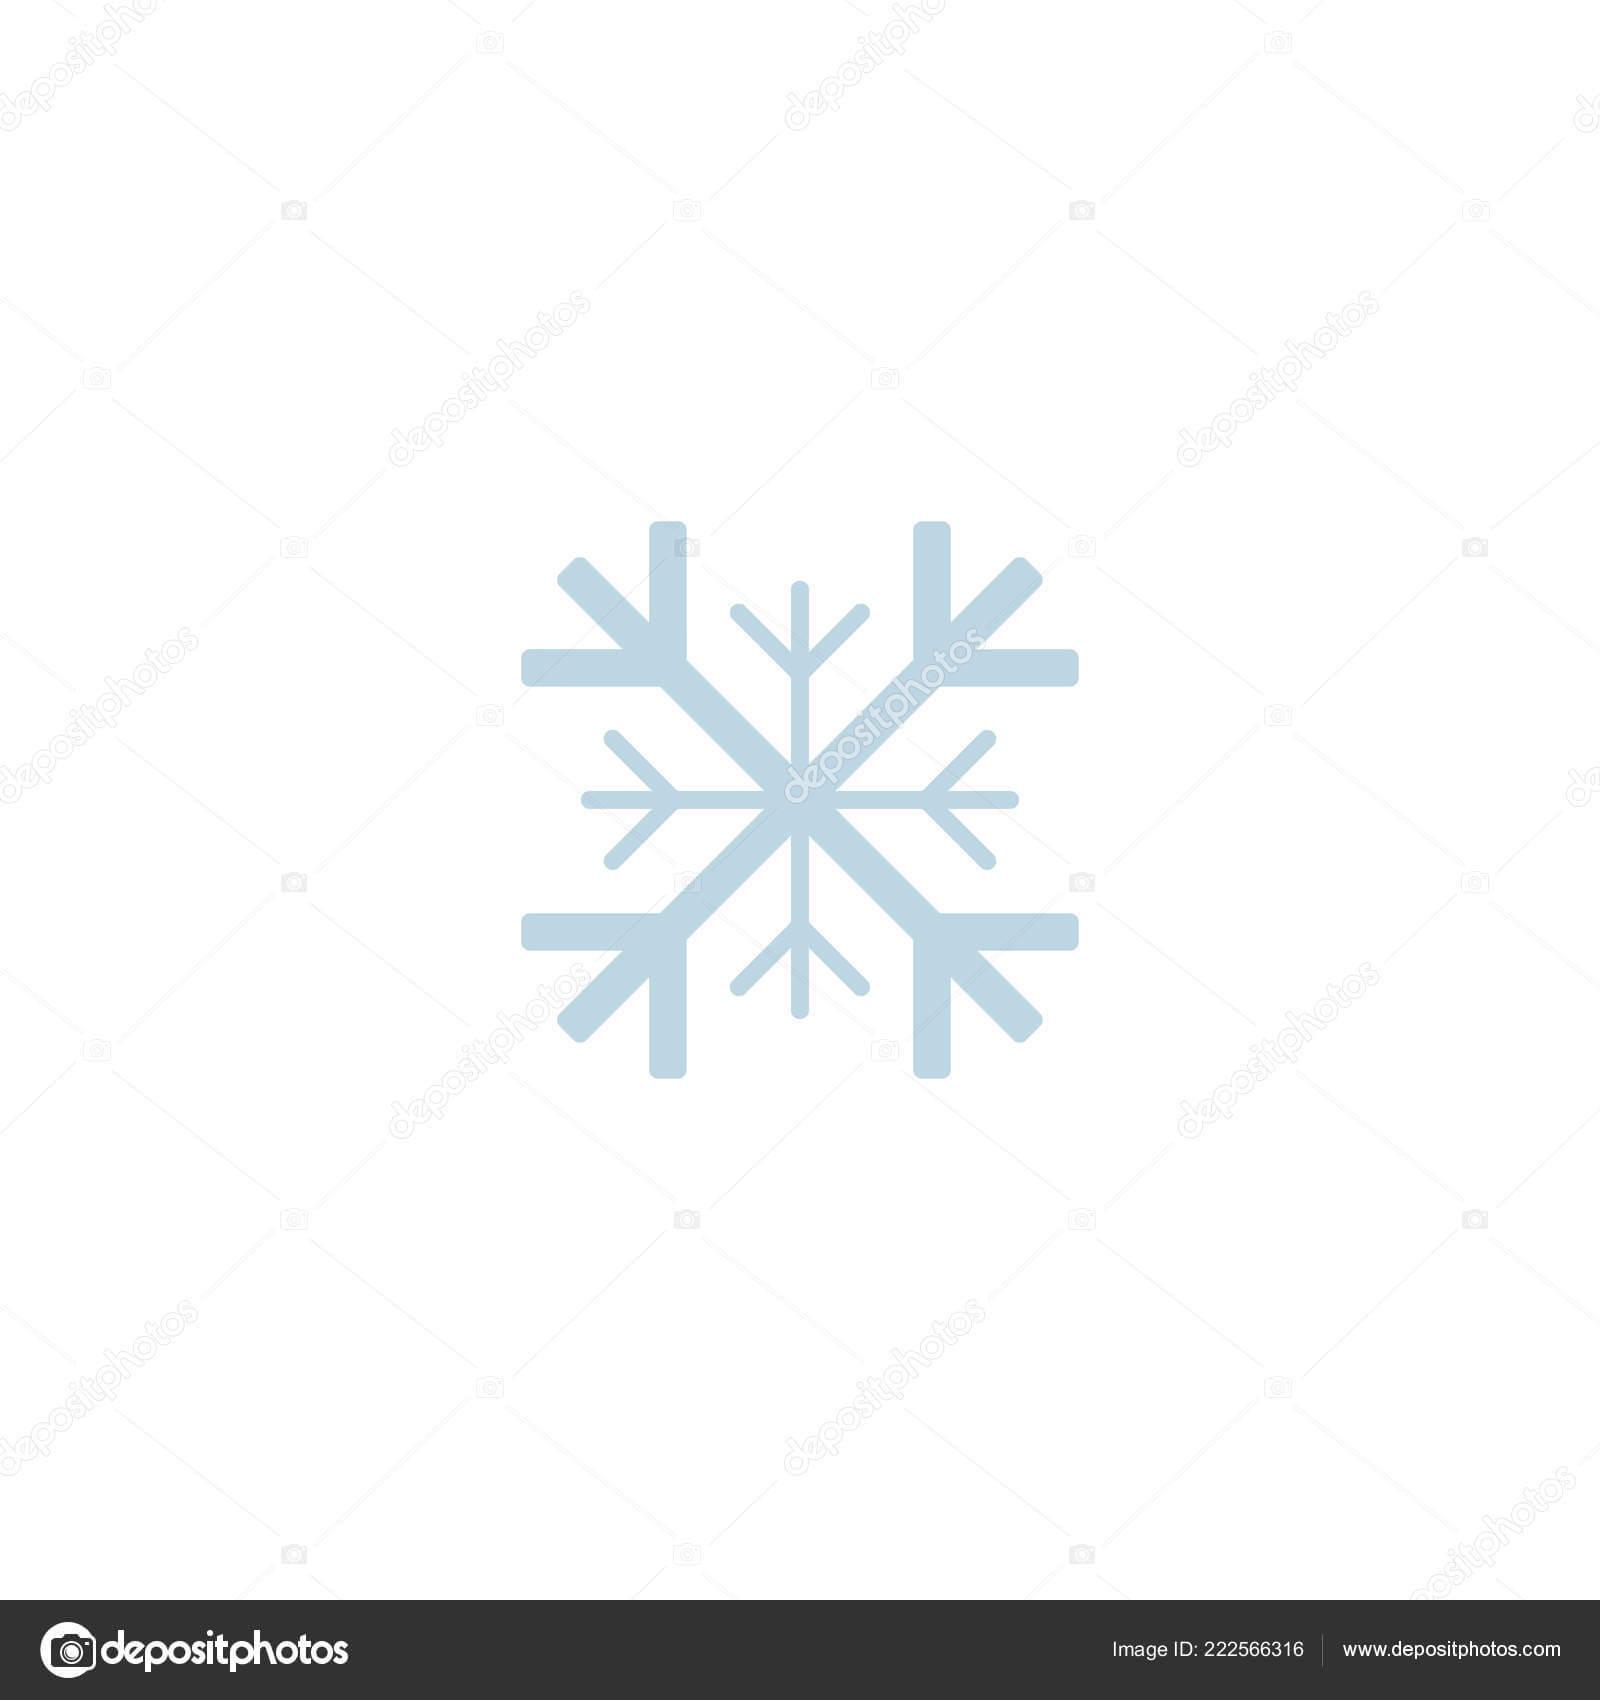 Blank Snowflake Template | Snowflake Icon Template Christmas Pertaining To Blank Snowflake Template